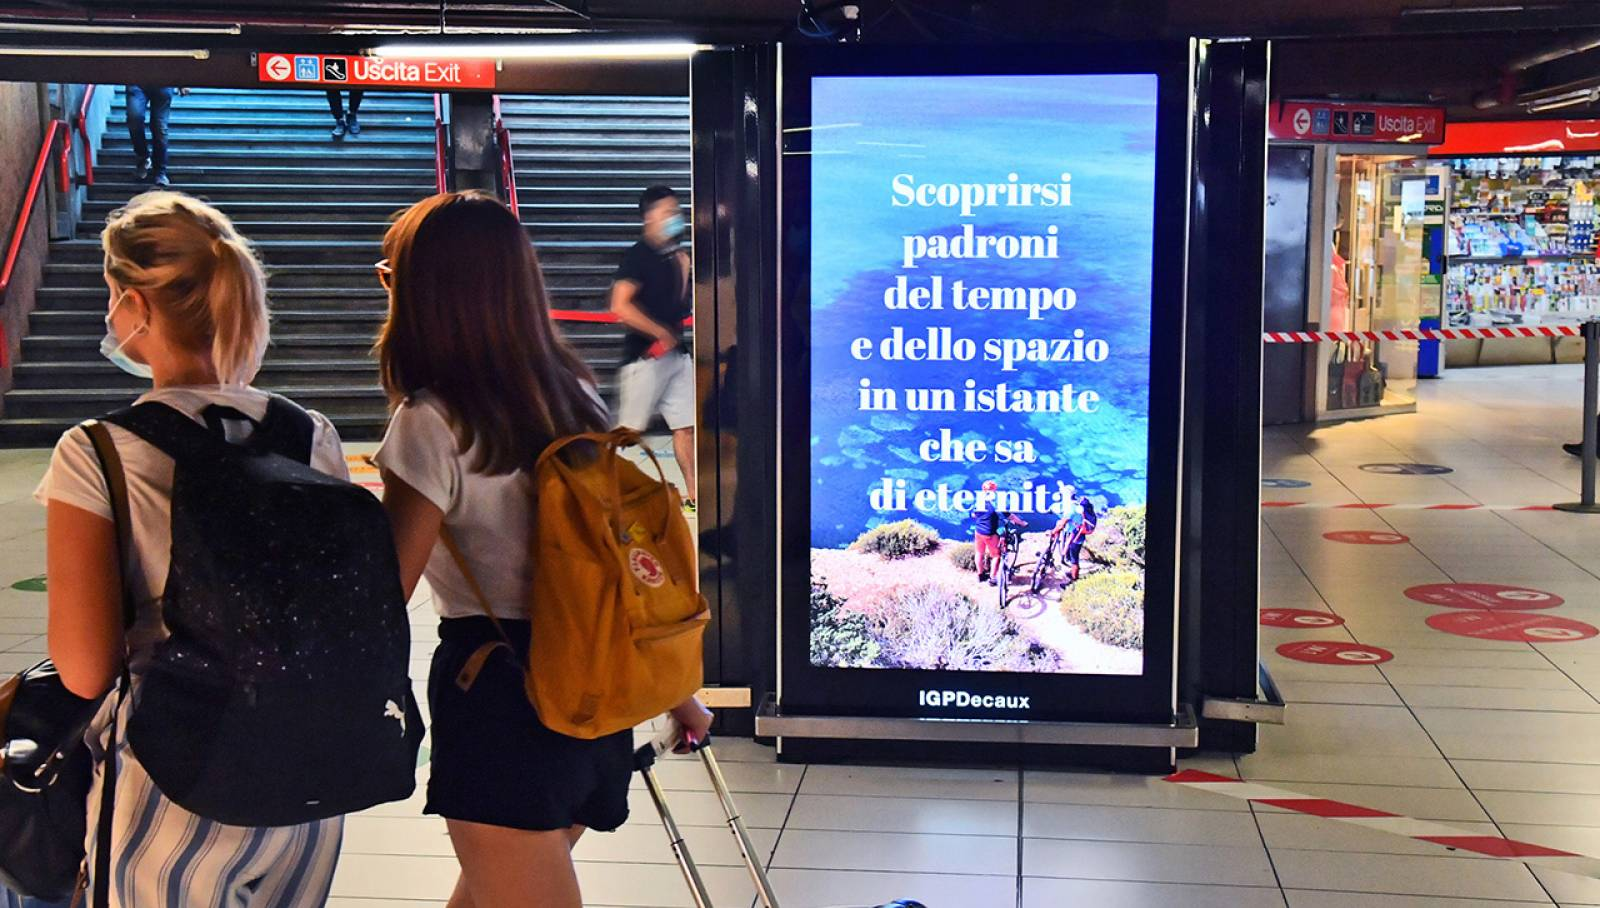 Pubblicità metro milanese Network Vision IGPDecaux per Toscana Promozione Turistica